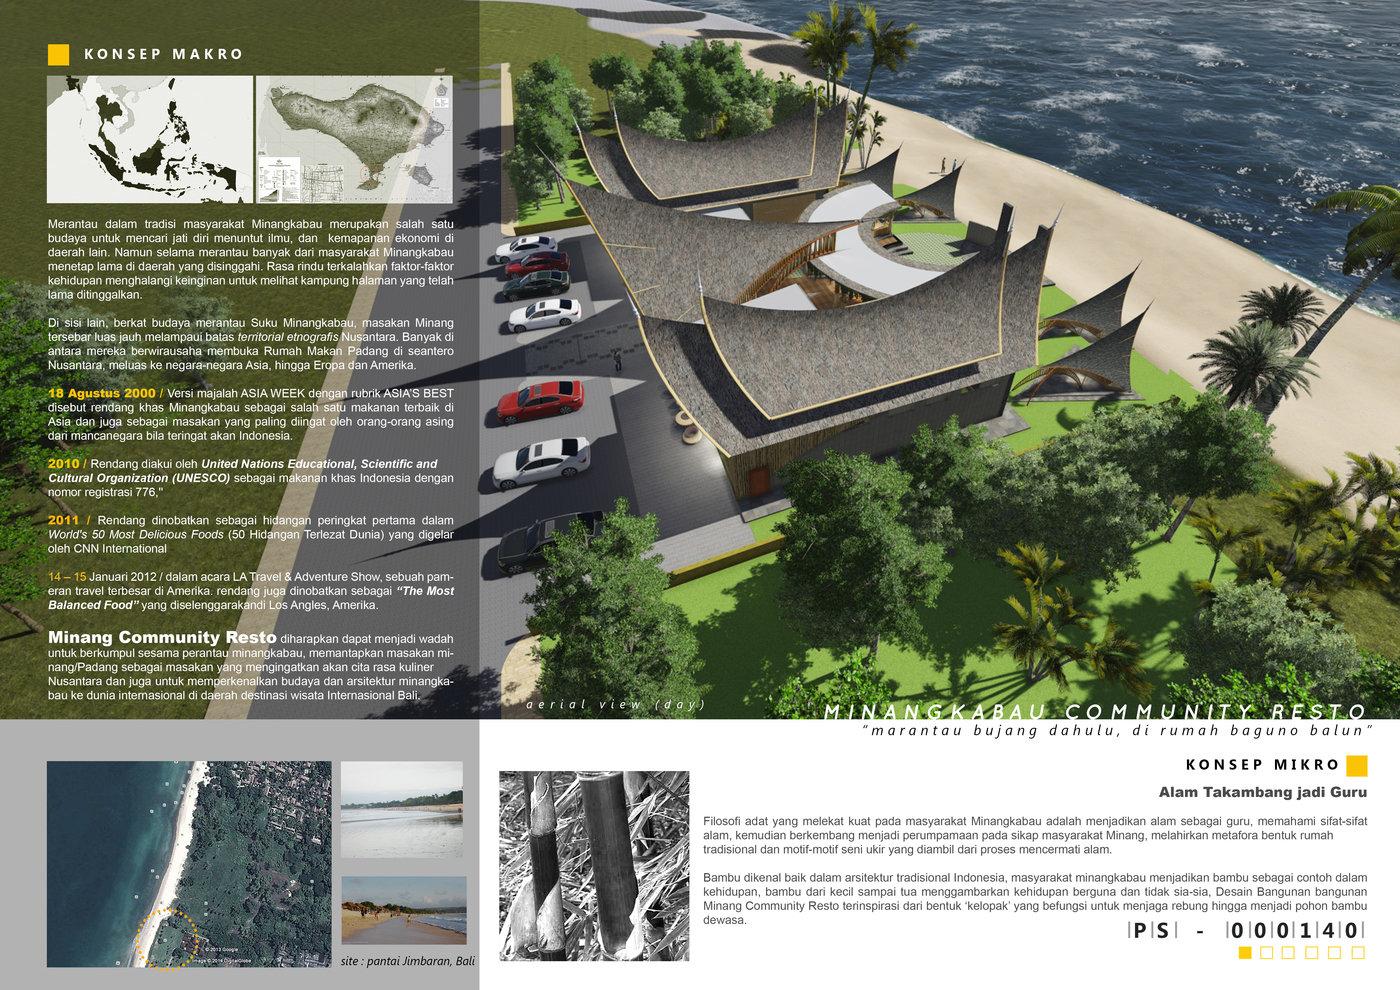 46 Foto Desain Sayembara Arsitektur Gratis Terbaru Yang Bisa Anda Tiru